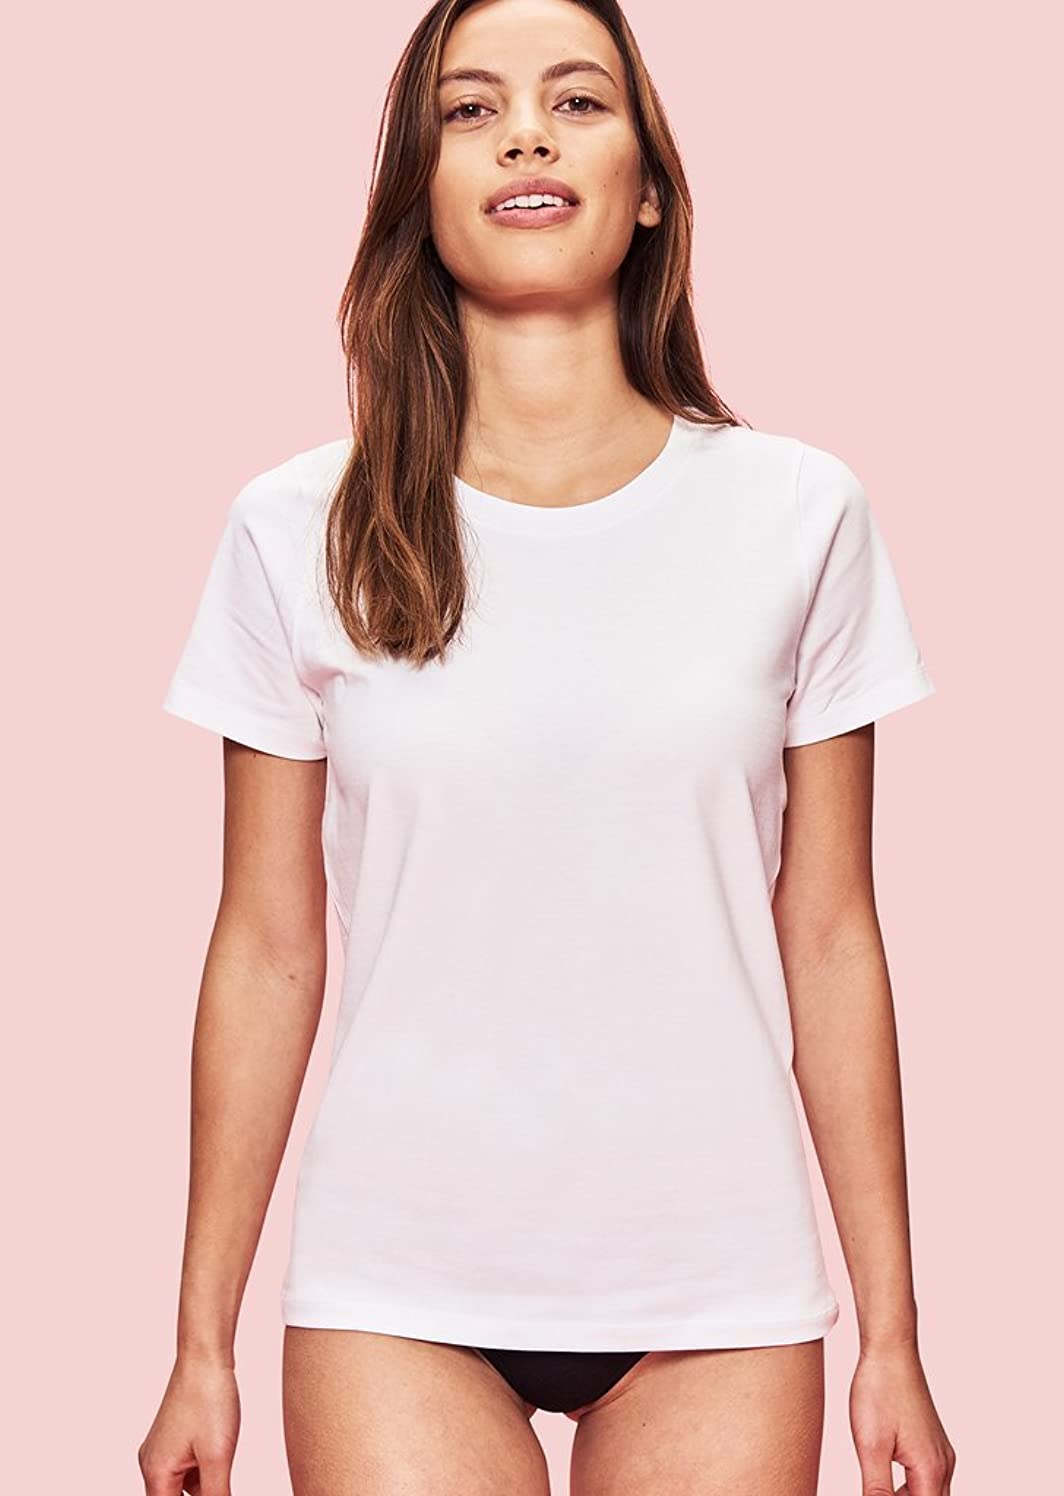 ブーム瞑想的誰か1週間着続けてもニオわない(シルバーテック) Silver Tech Tシャツ レディース オーガニック 抗菌防臭 (XS, ホワイト)